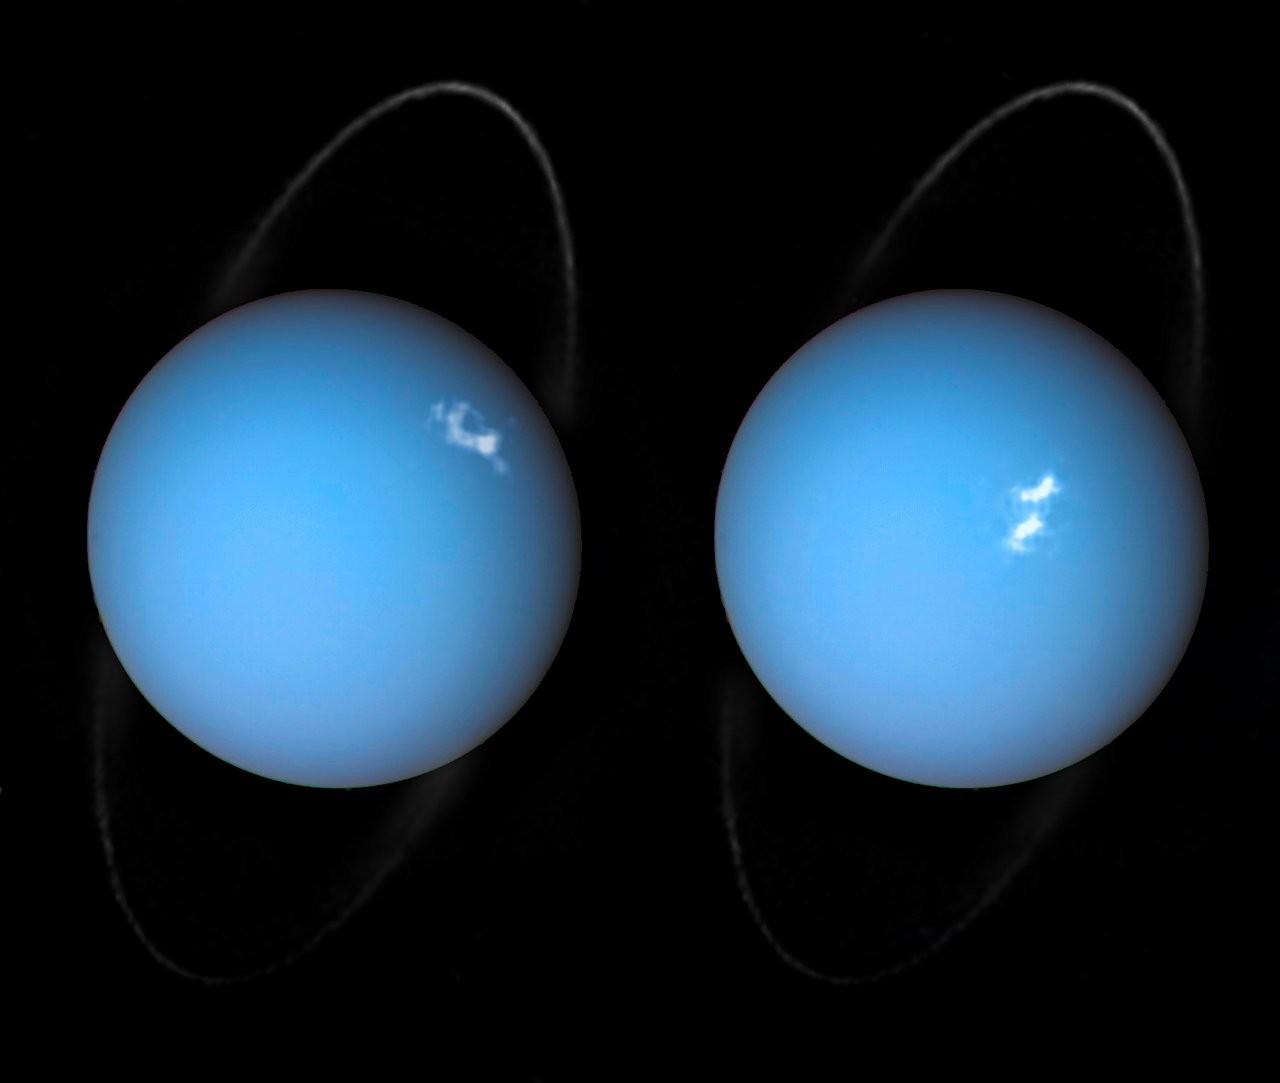 Hubble captura imagens incríveis das auroras de Urano